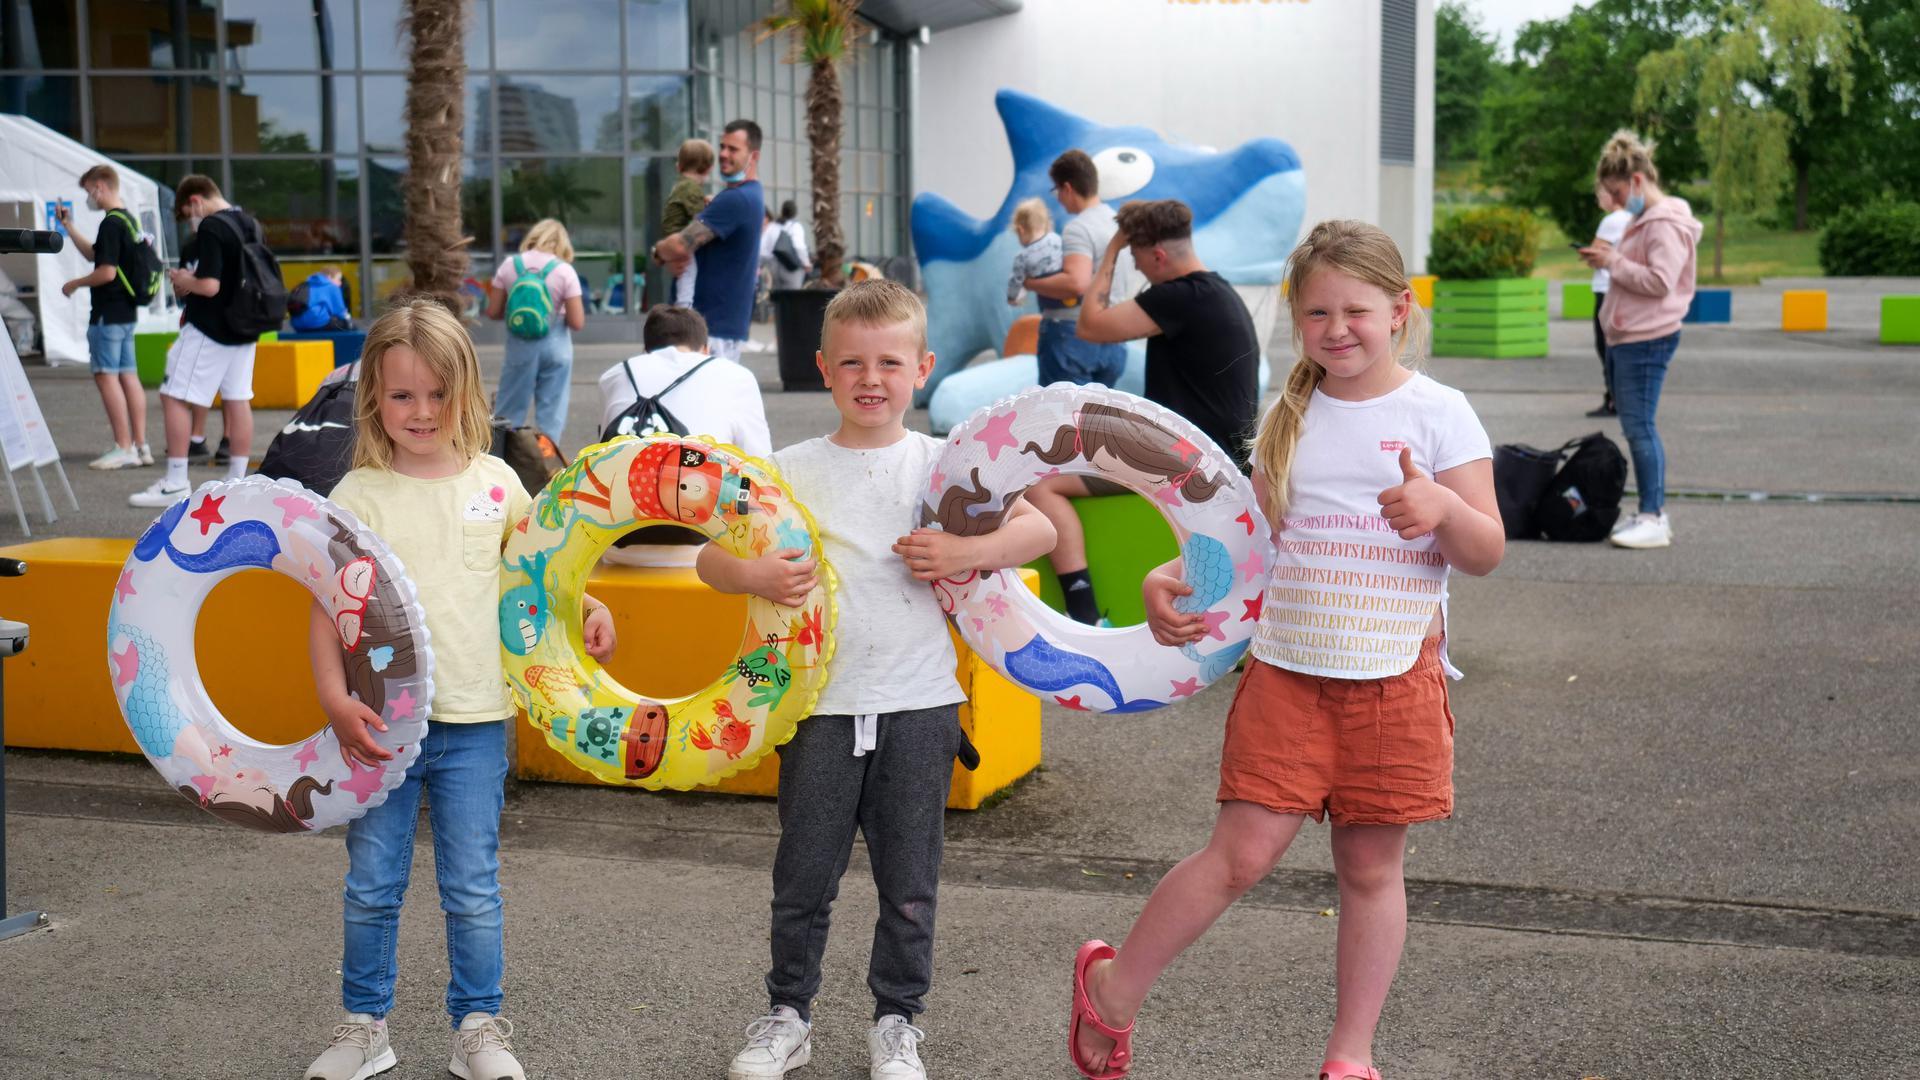 Geduld ist eine Tugend: Auch Mila, Luca und Vivia Schultz mussten warten, ehe sie am Wochenende das Europabad besuchen konnten.